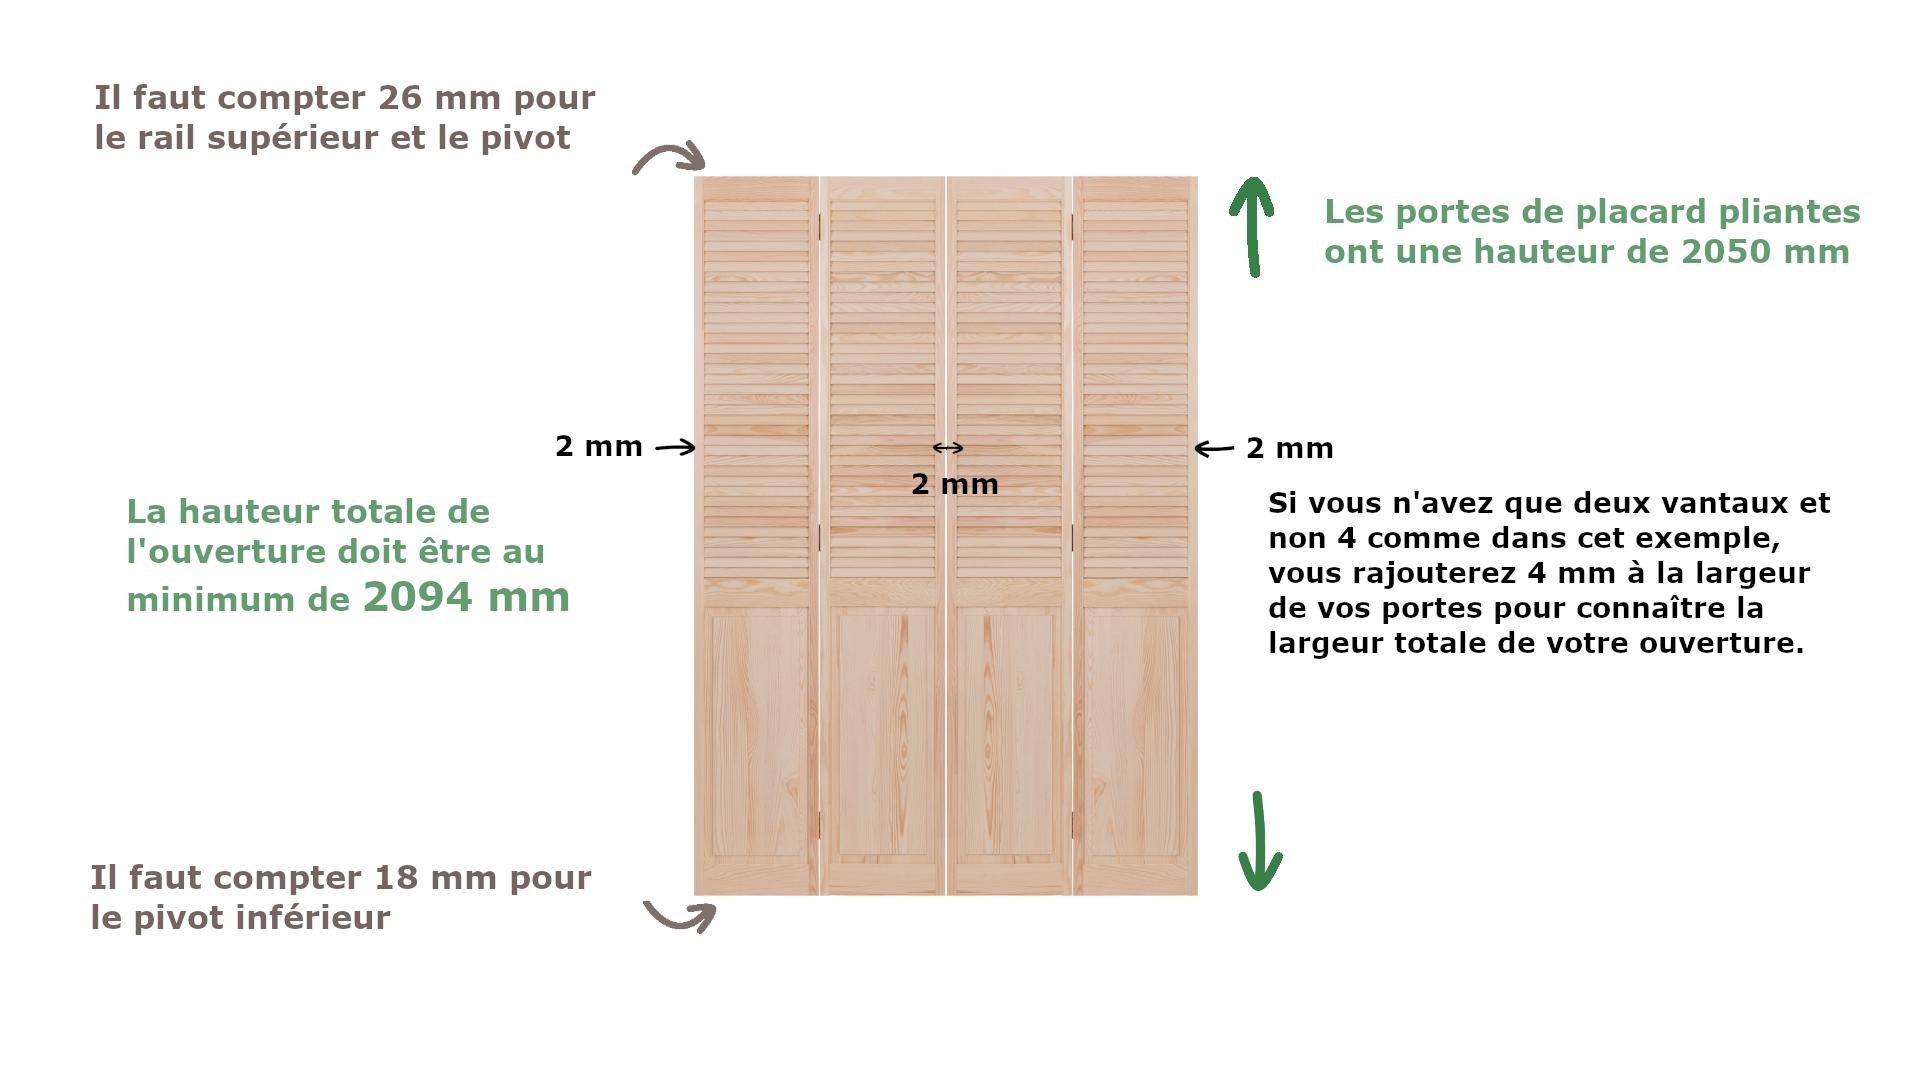 Mesures du cadre ouverture pour installer portes placard coulissantes pliantes Woodup